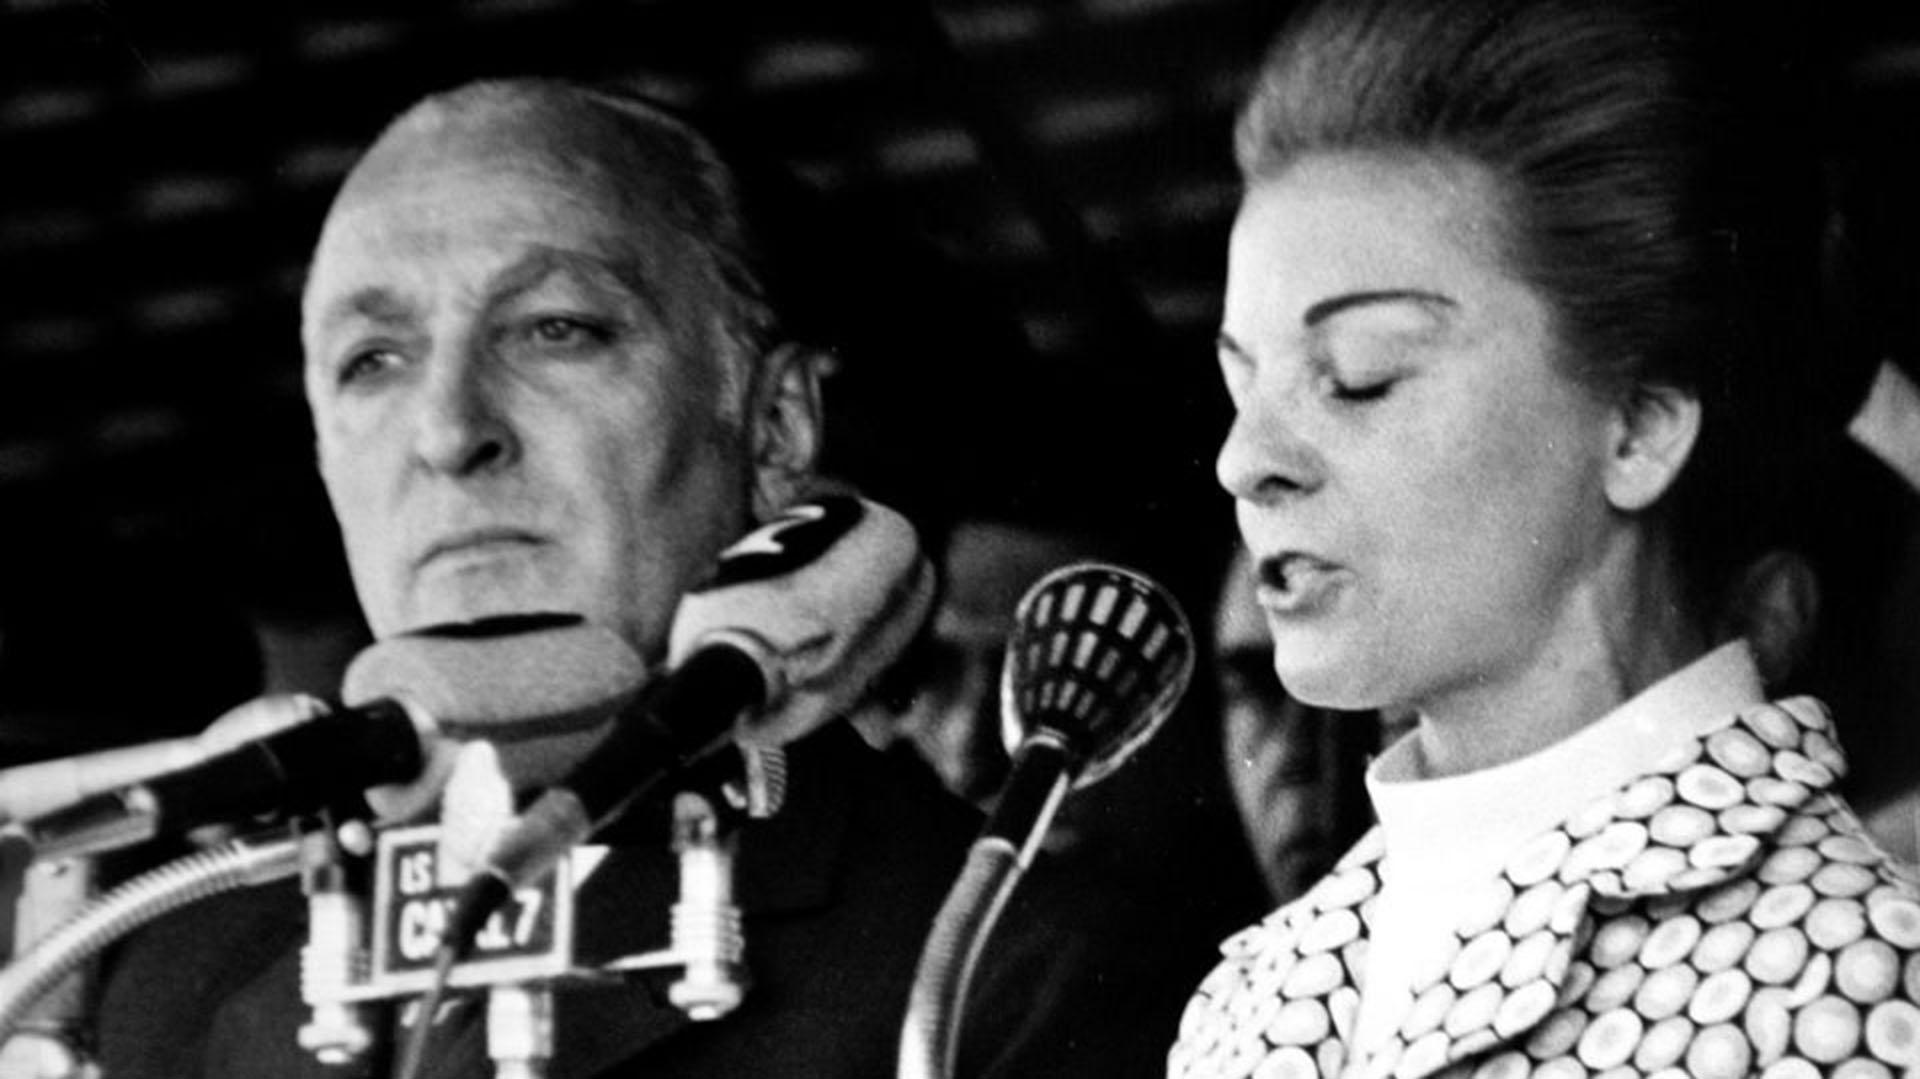 """José López Rega: el poder, los crímenes y el dominio sobre Perón e Isabel  que """"El Brujo"""" logró con oscuros ritos esotéricos - Infobae"""